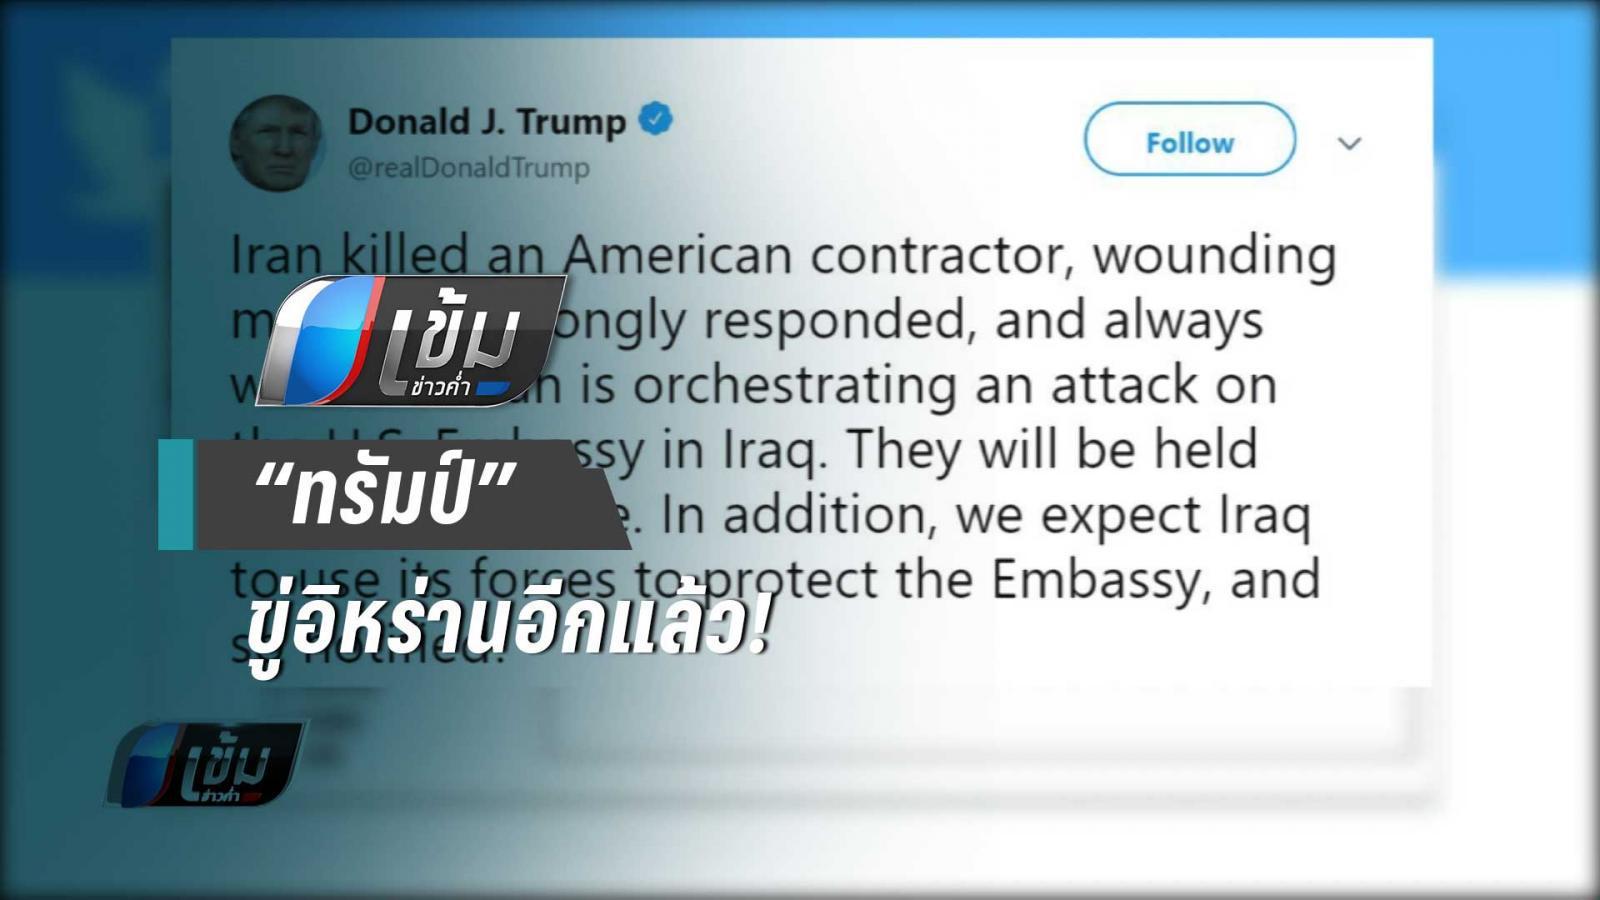 """""""ทรัมป์"""" ขู่อิหร่าน ต้องชดใช้เหตุผู้ประท้วงโจมตีสถานทูต"""